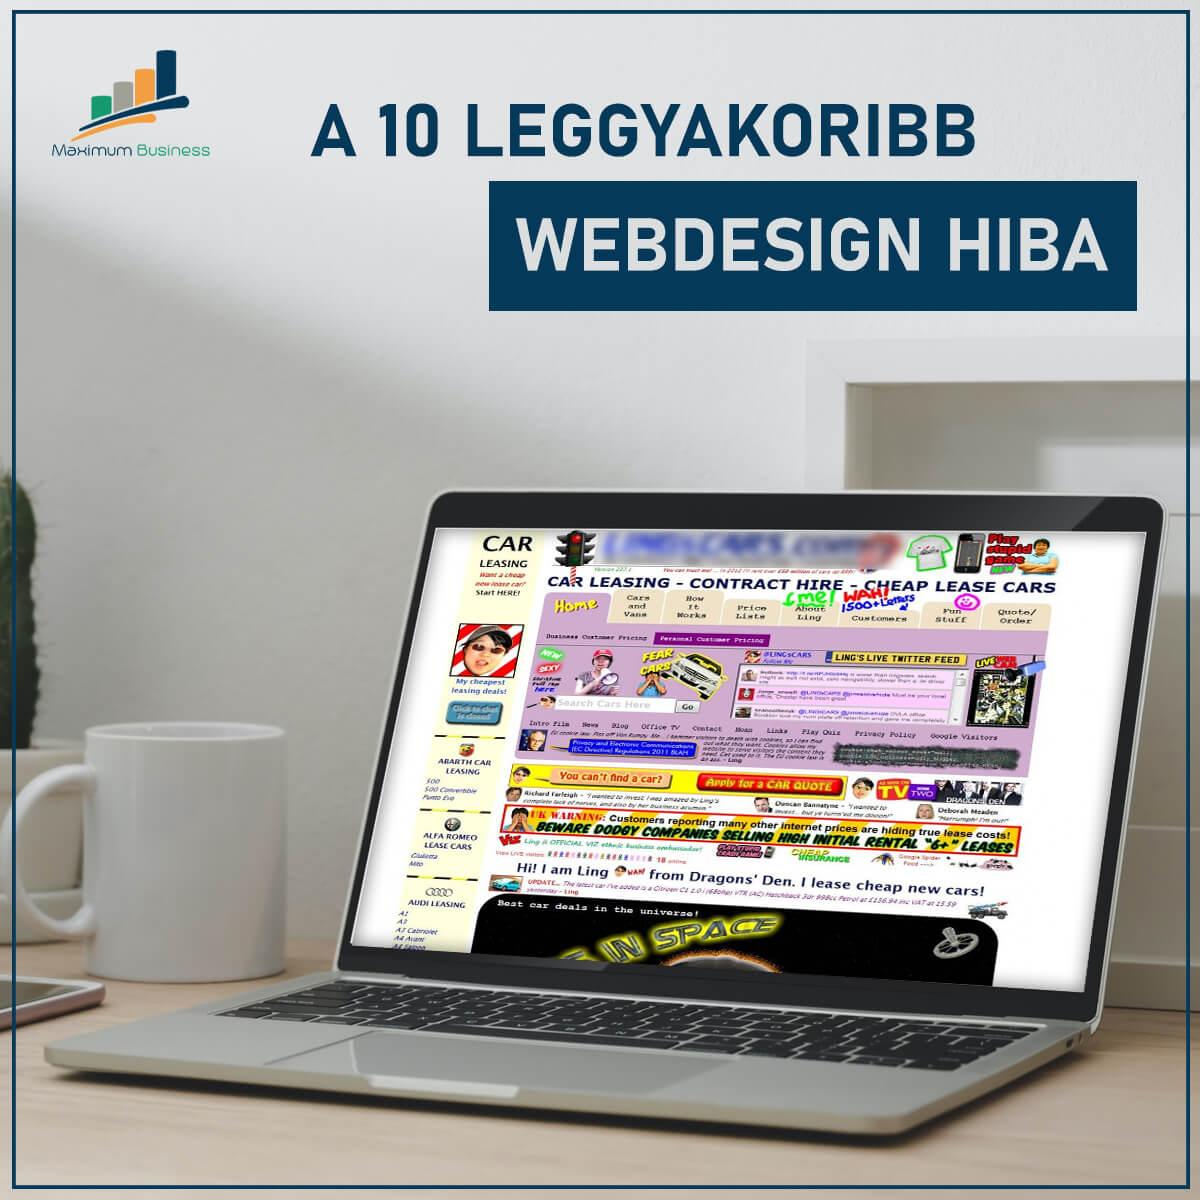 webdesign hibák